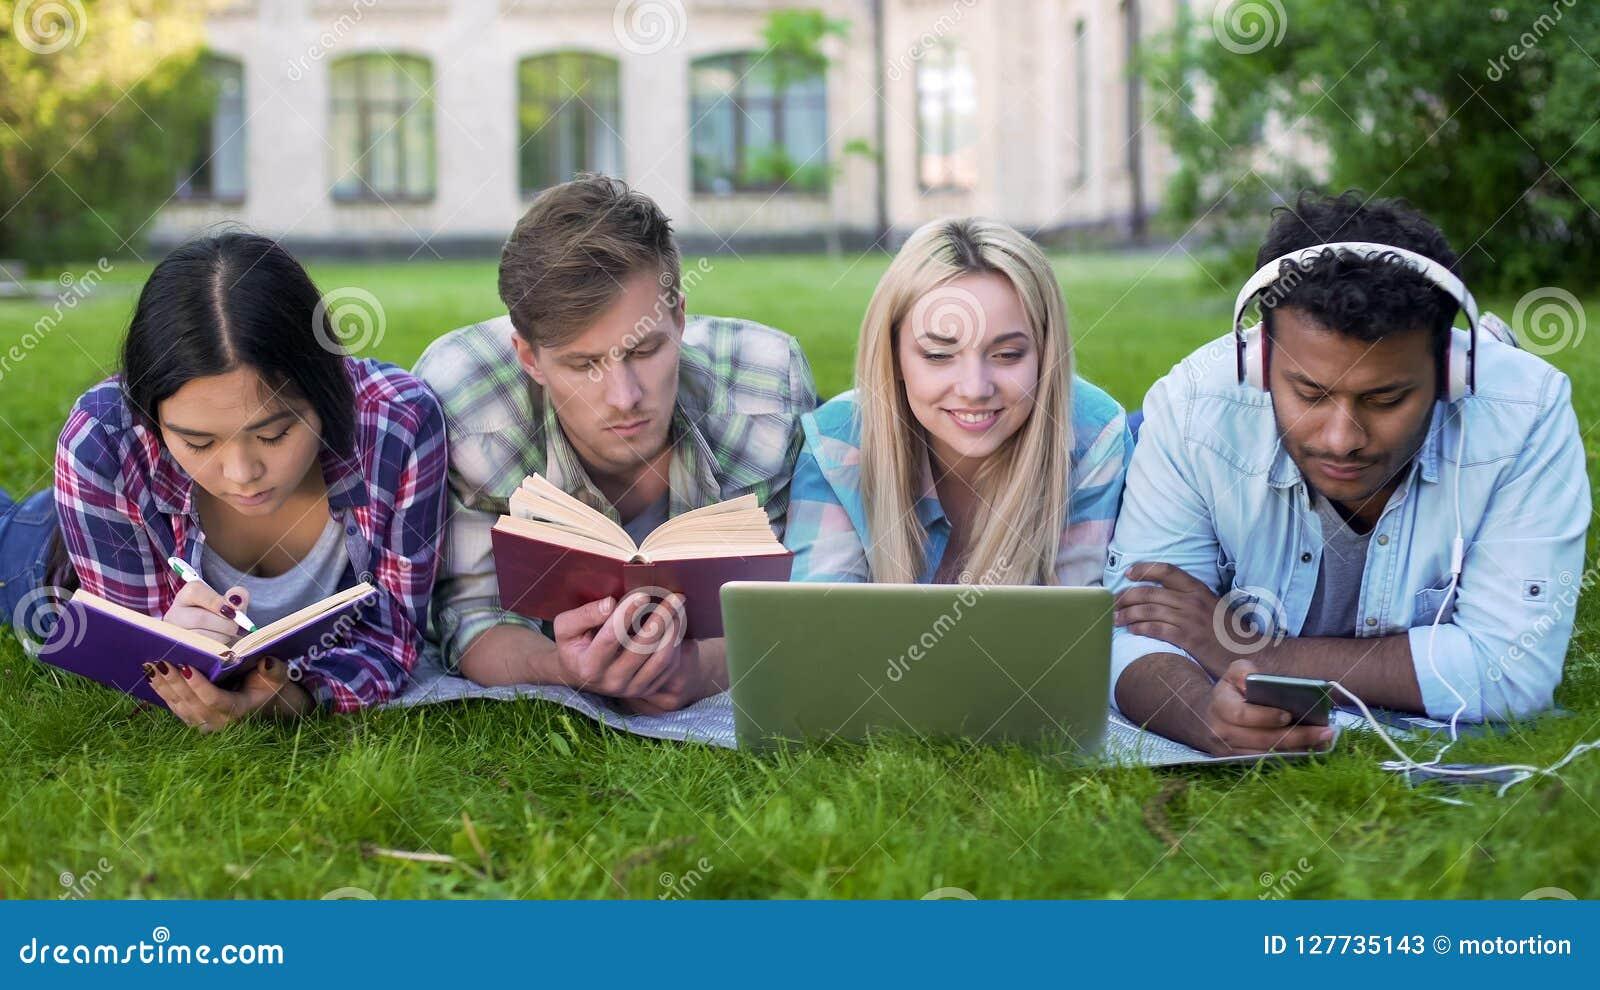 Мульти-этнические люди и женщины делая домашнюю работу на траве на кампусе, высшее образование